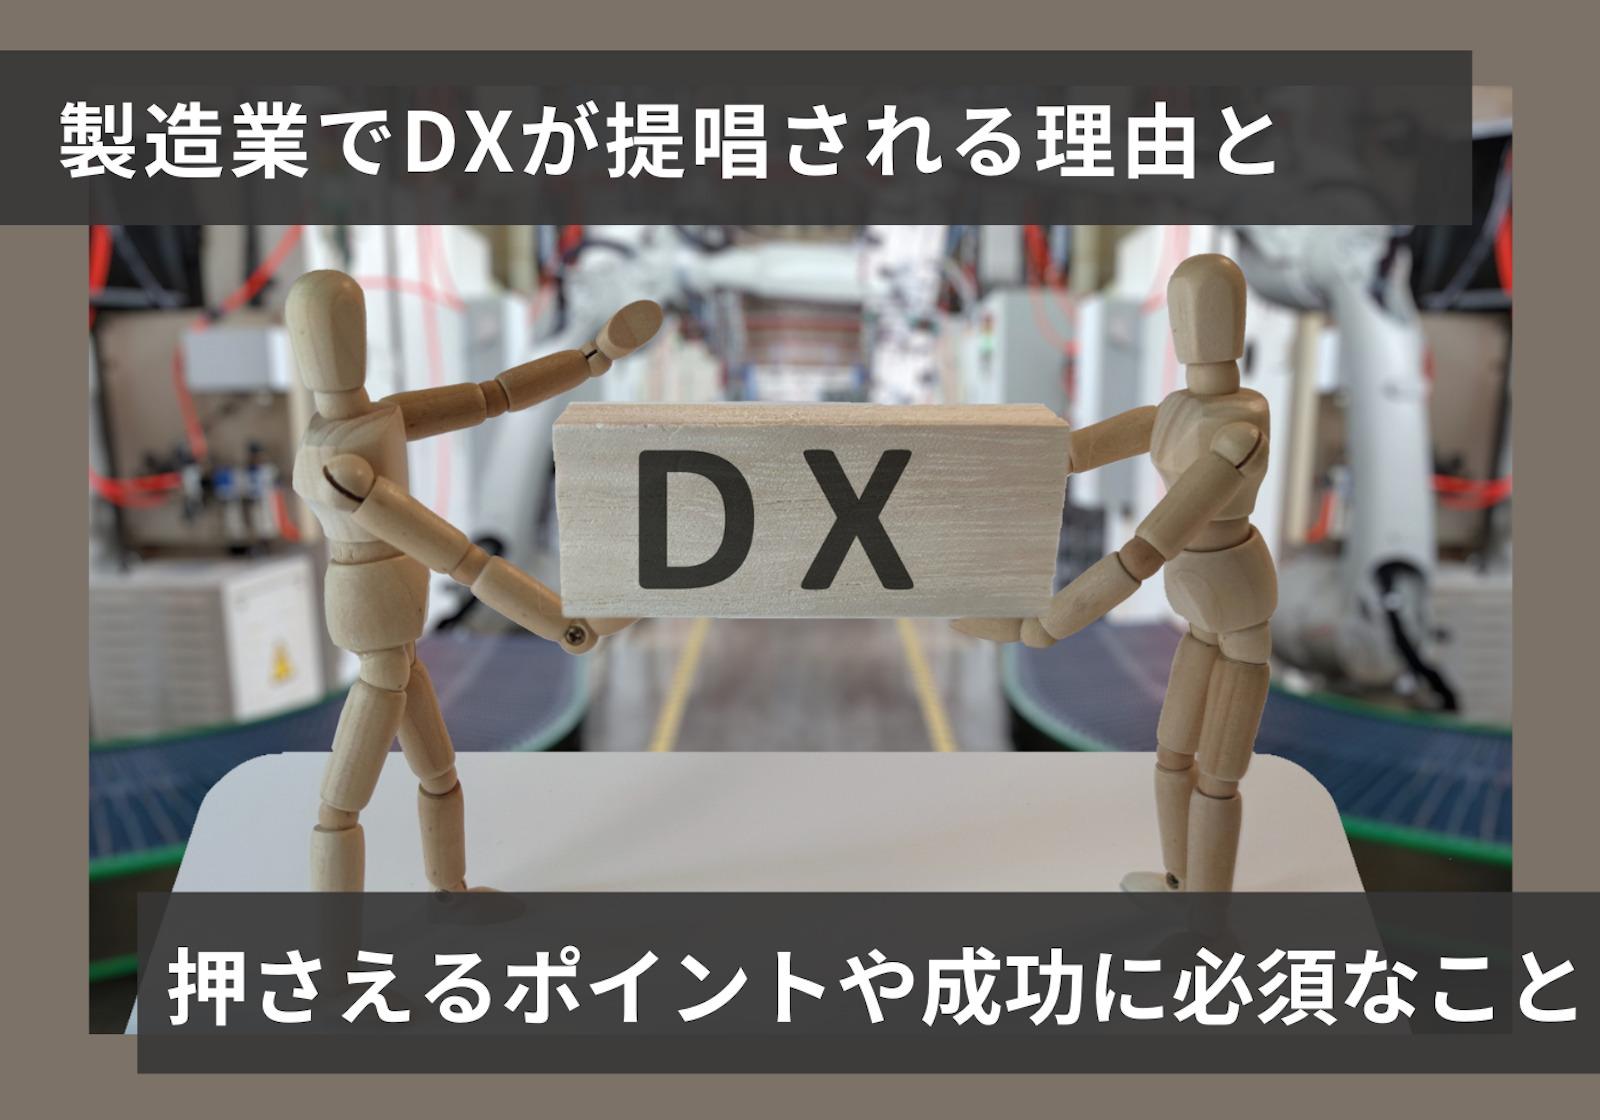 製造業でDXが提唱される理由と押さえるポイントや成功に必須なこと